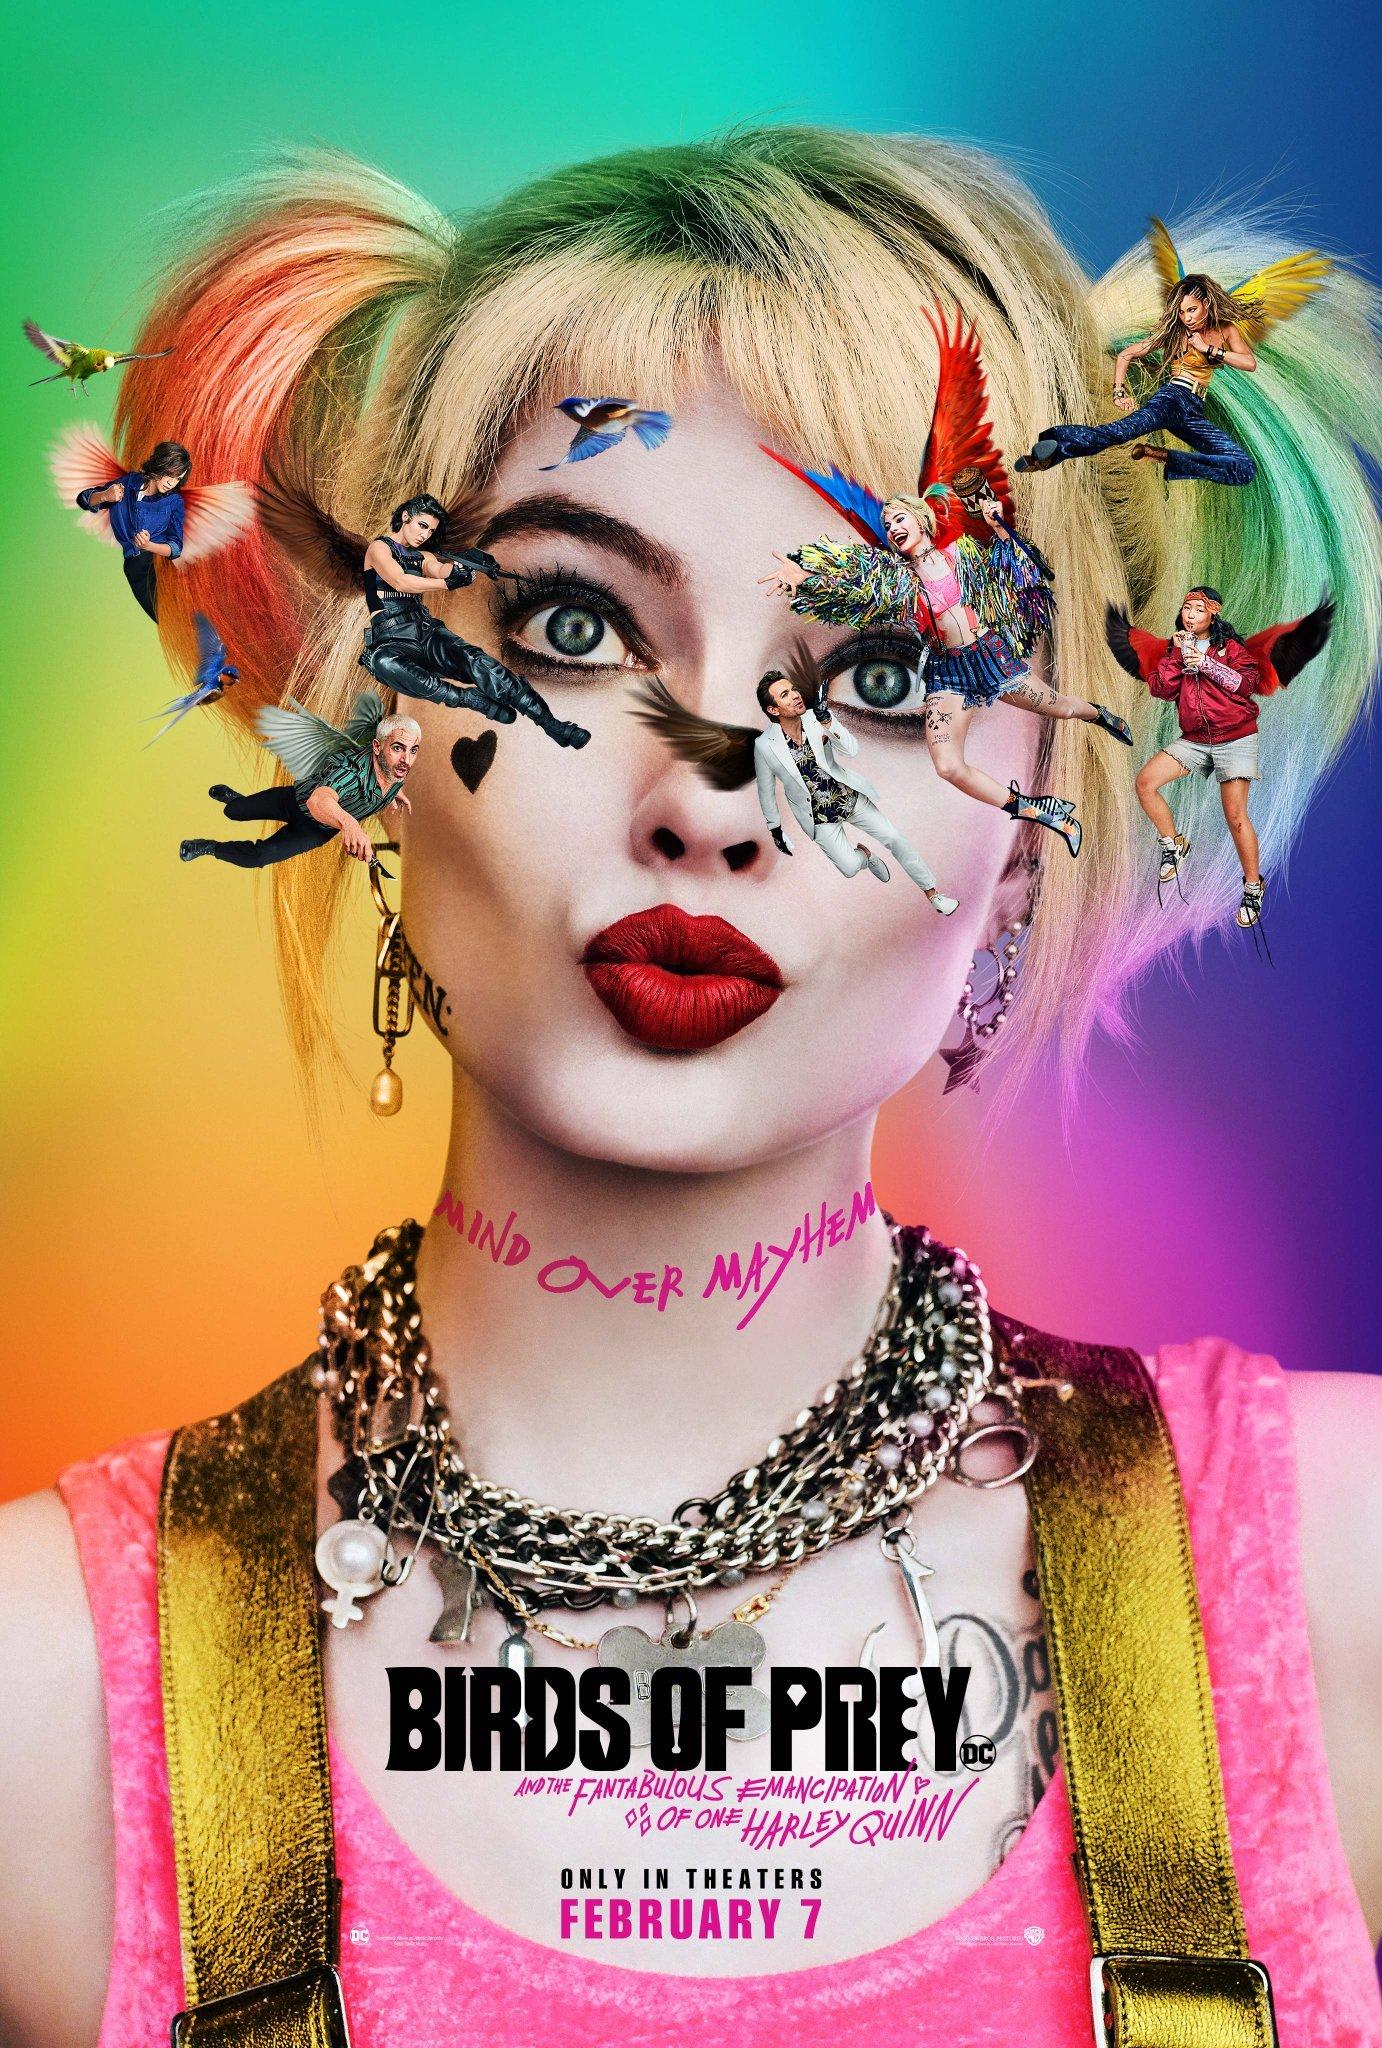 Harley Quinn Tampil Seksi Dan Penuh Warna Di Poster Perdana Birds Of Prey